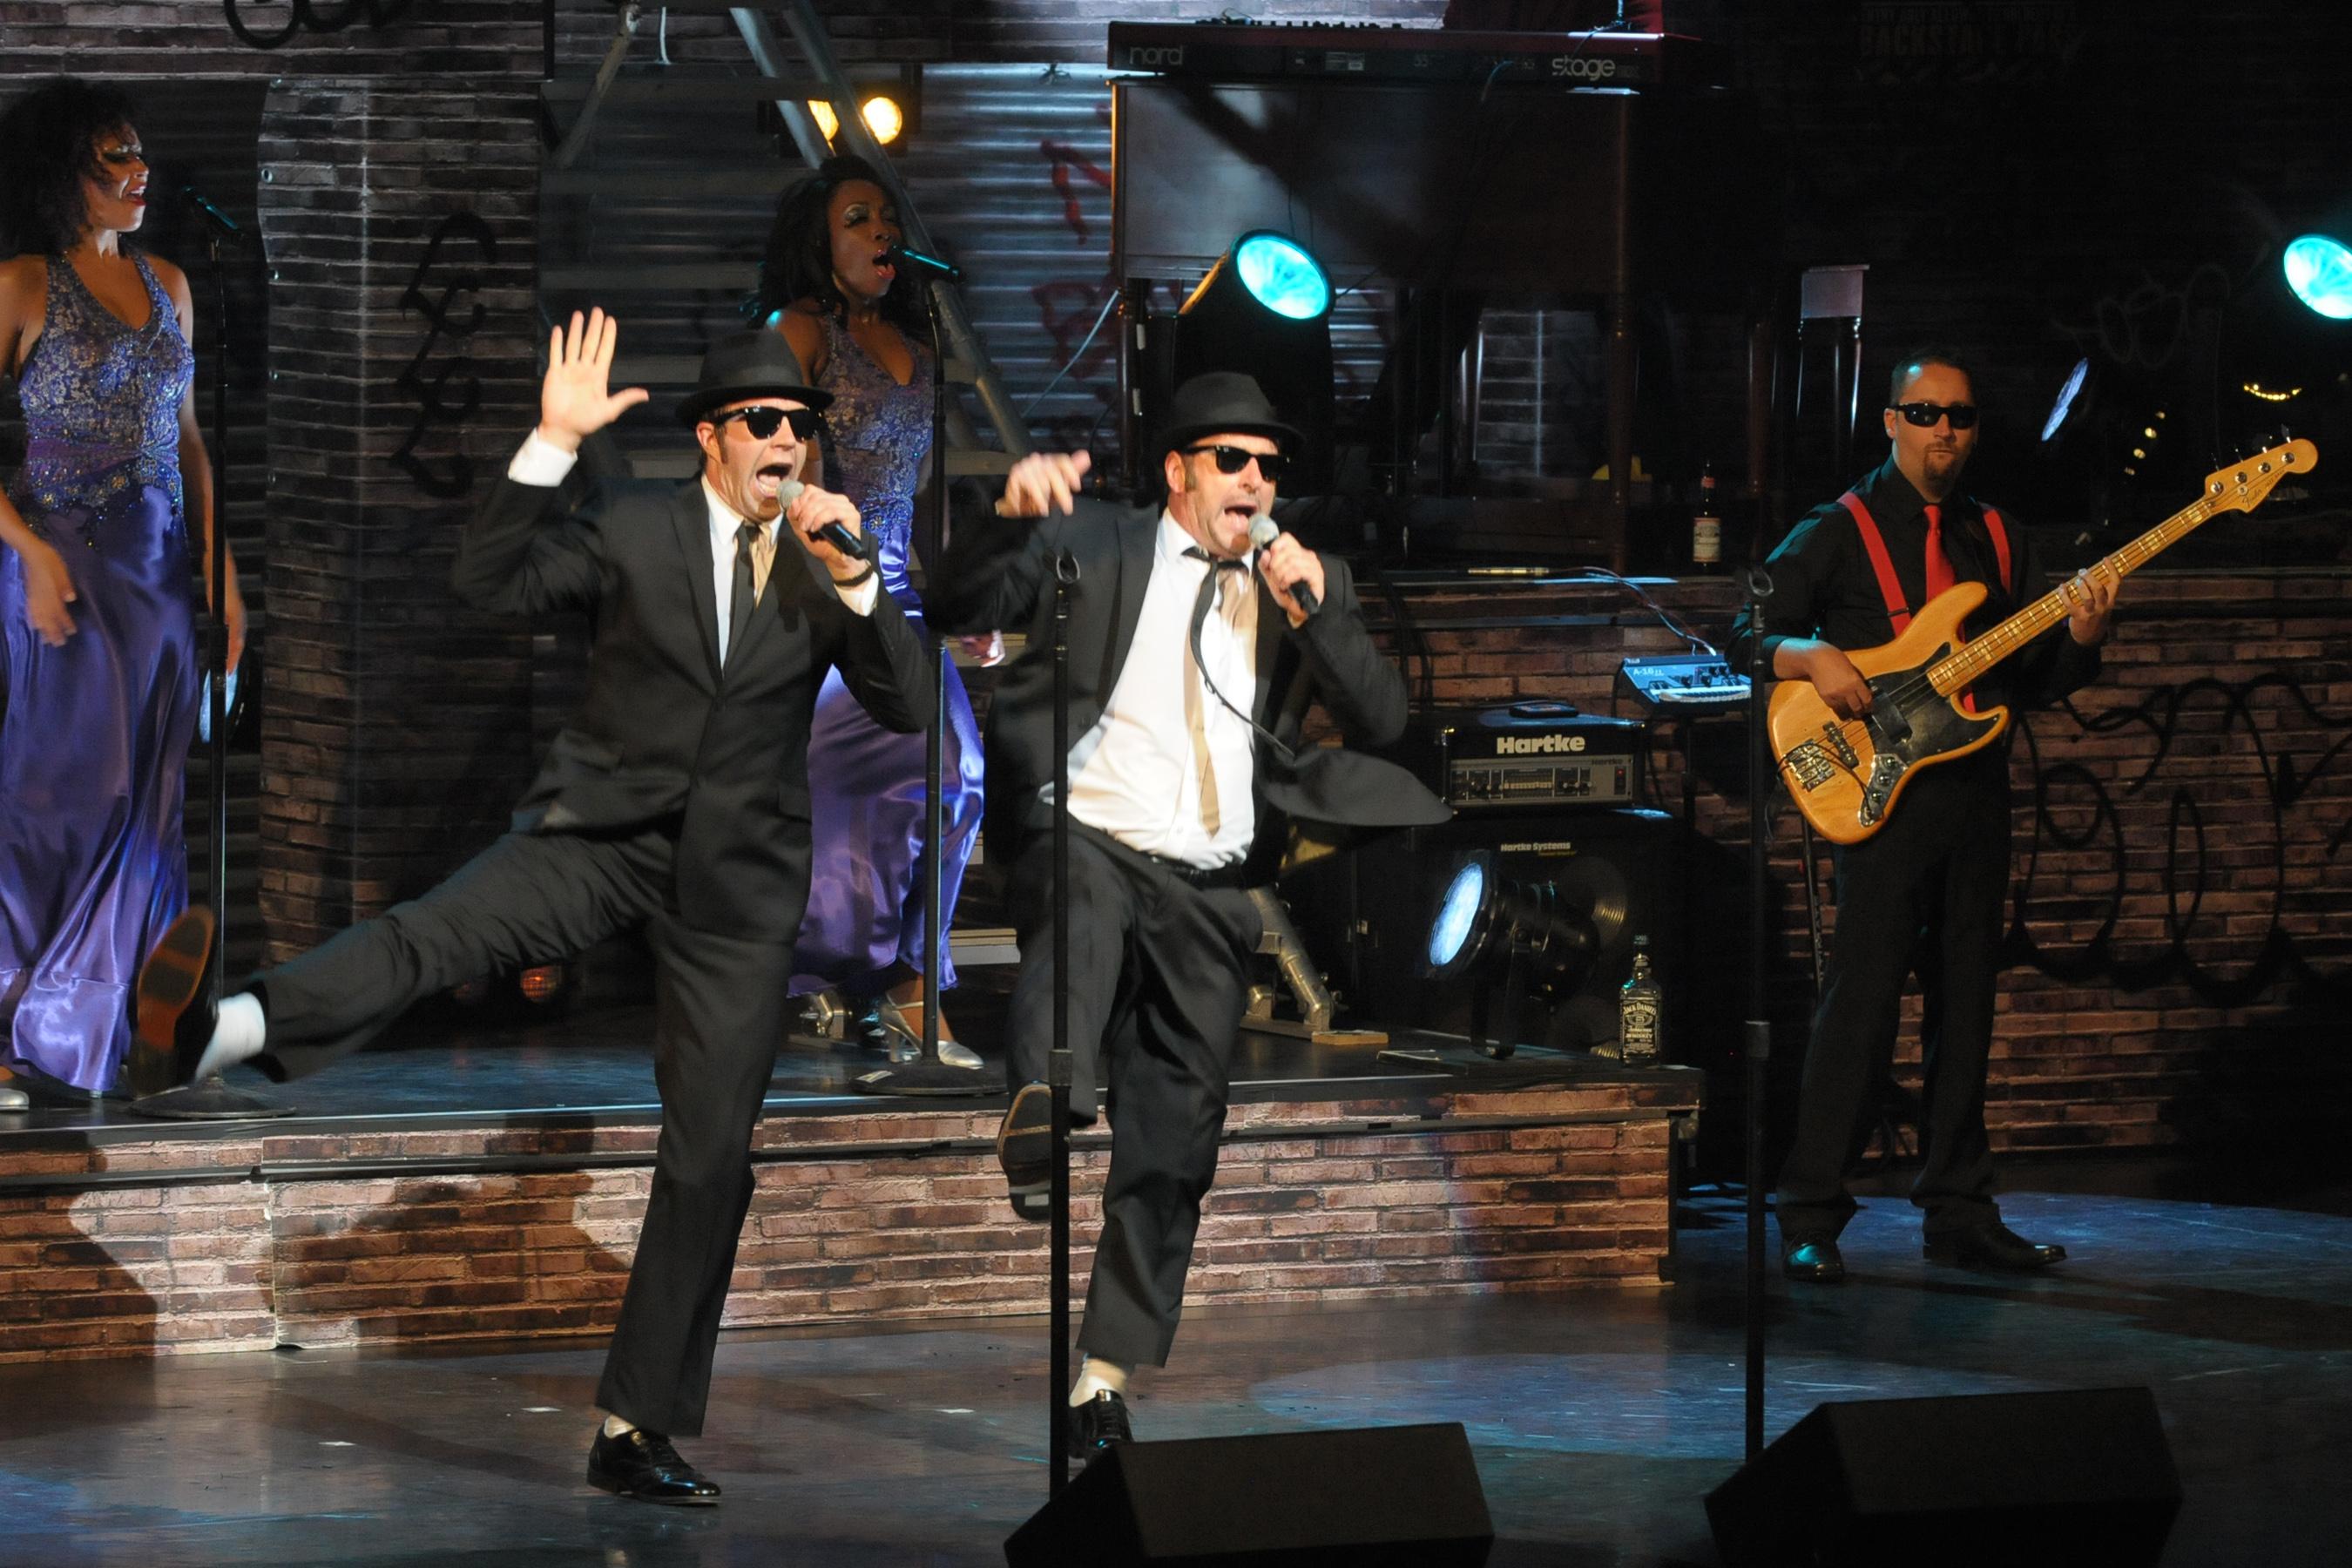 ZWei Musiker stehen in schwarzem Anzug auf der Bühne mit Hut und Sonnenbrille und perfomen.